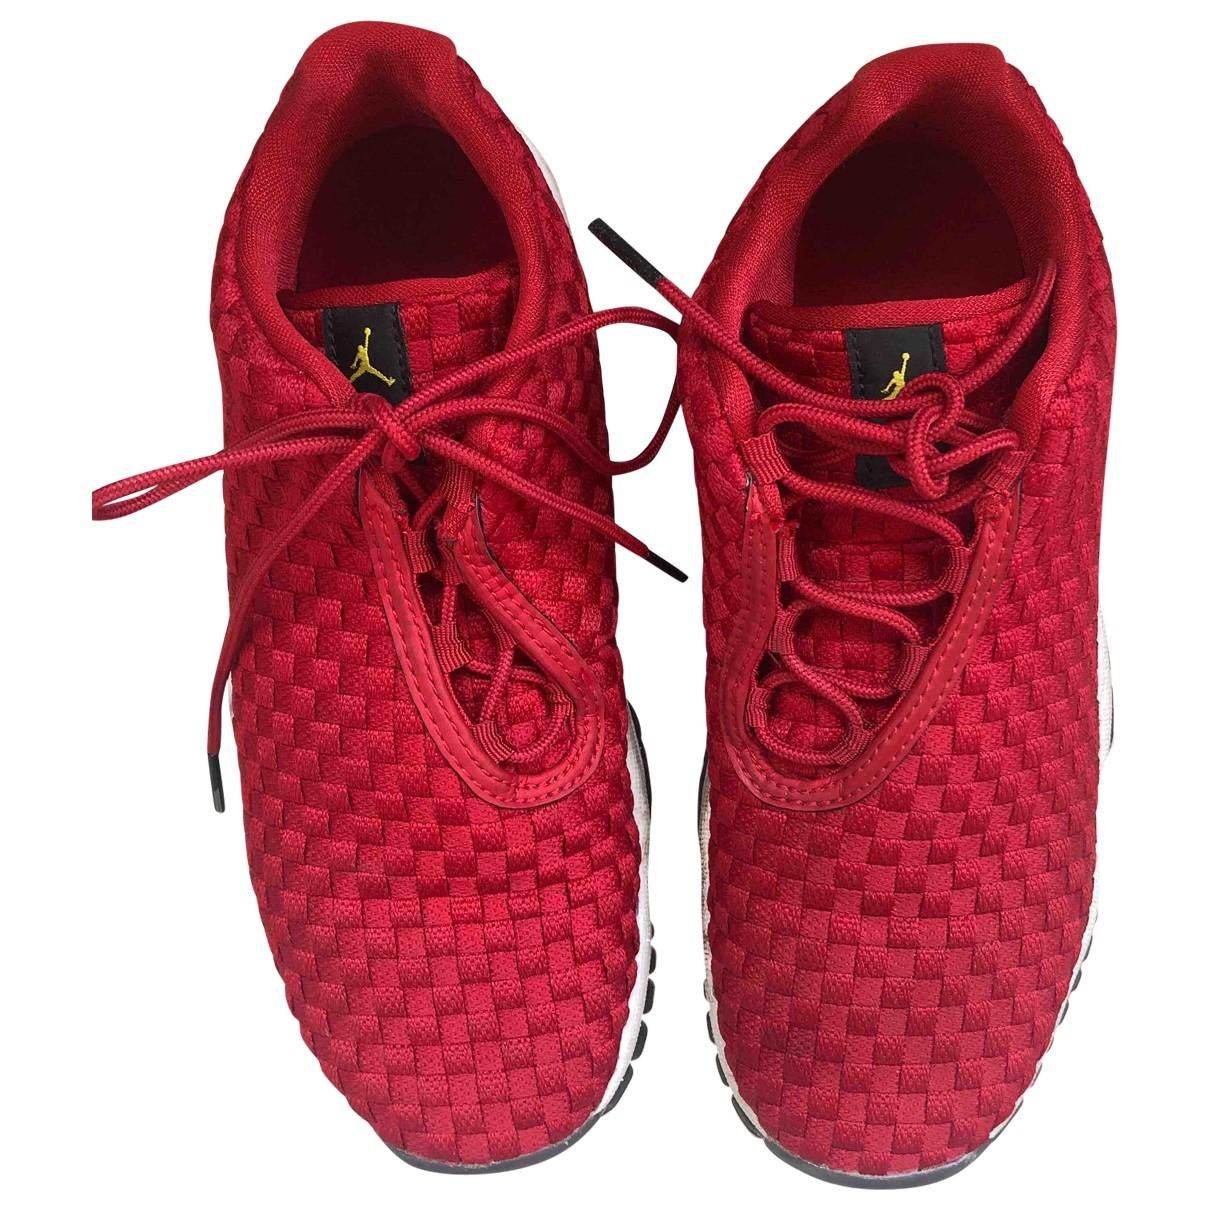 Jordan - Baskets Air Jordan Future pour enfant en toile - rouge